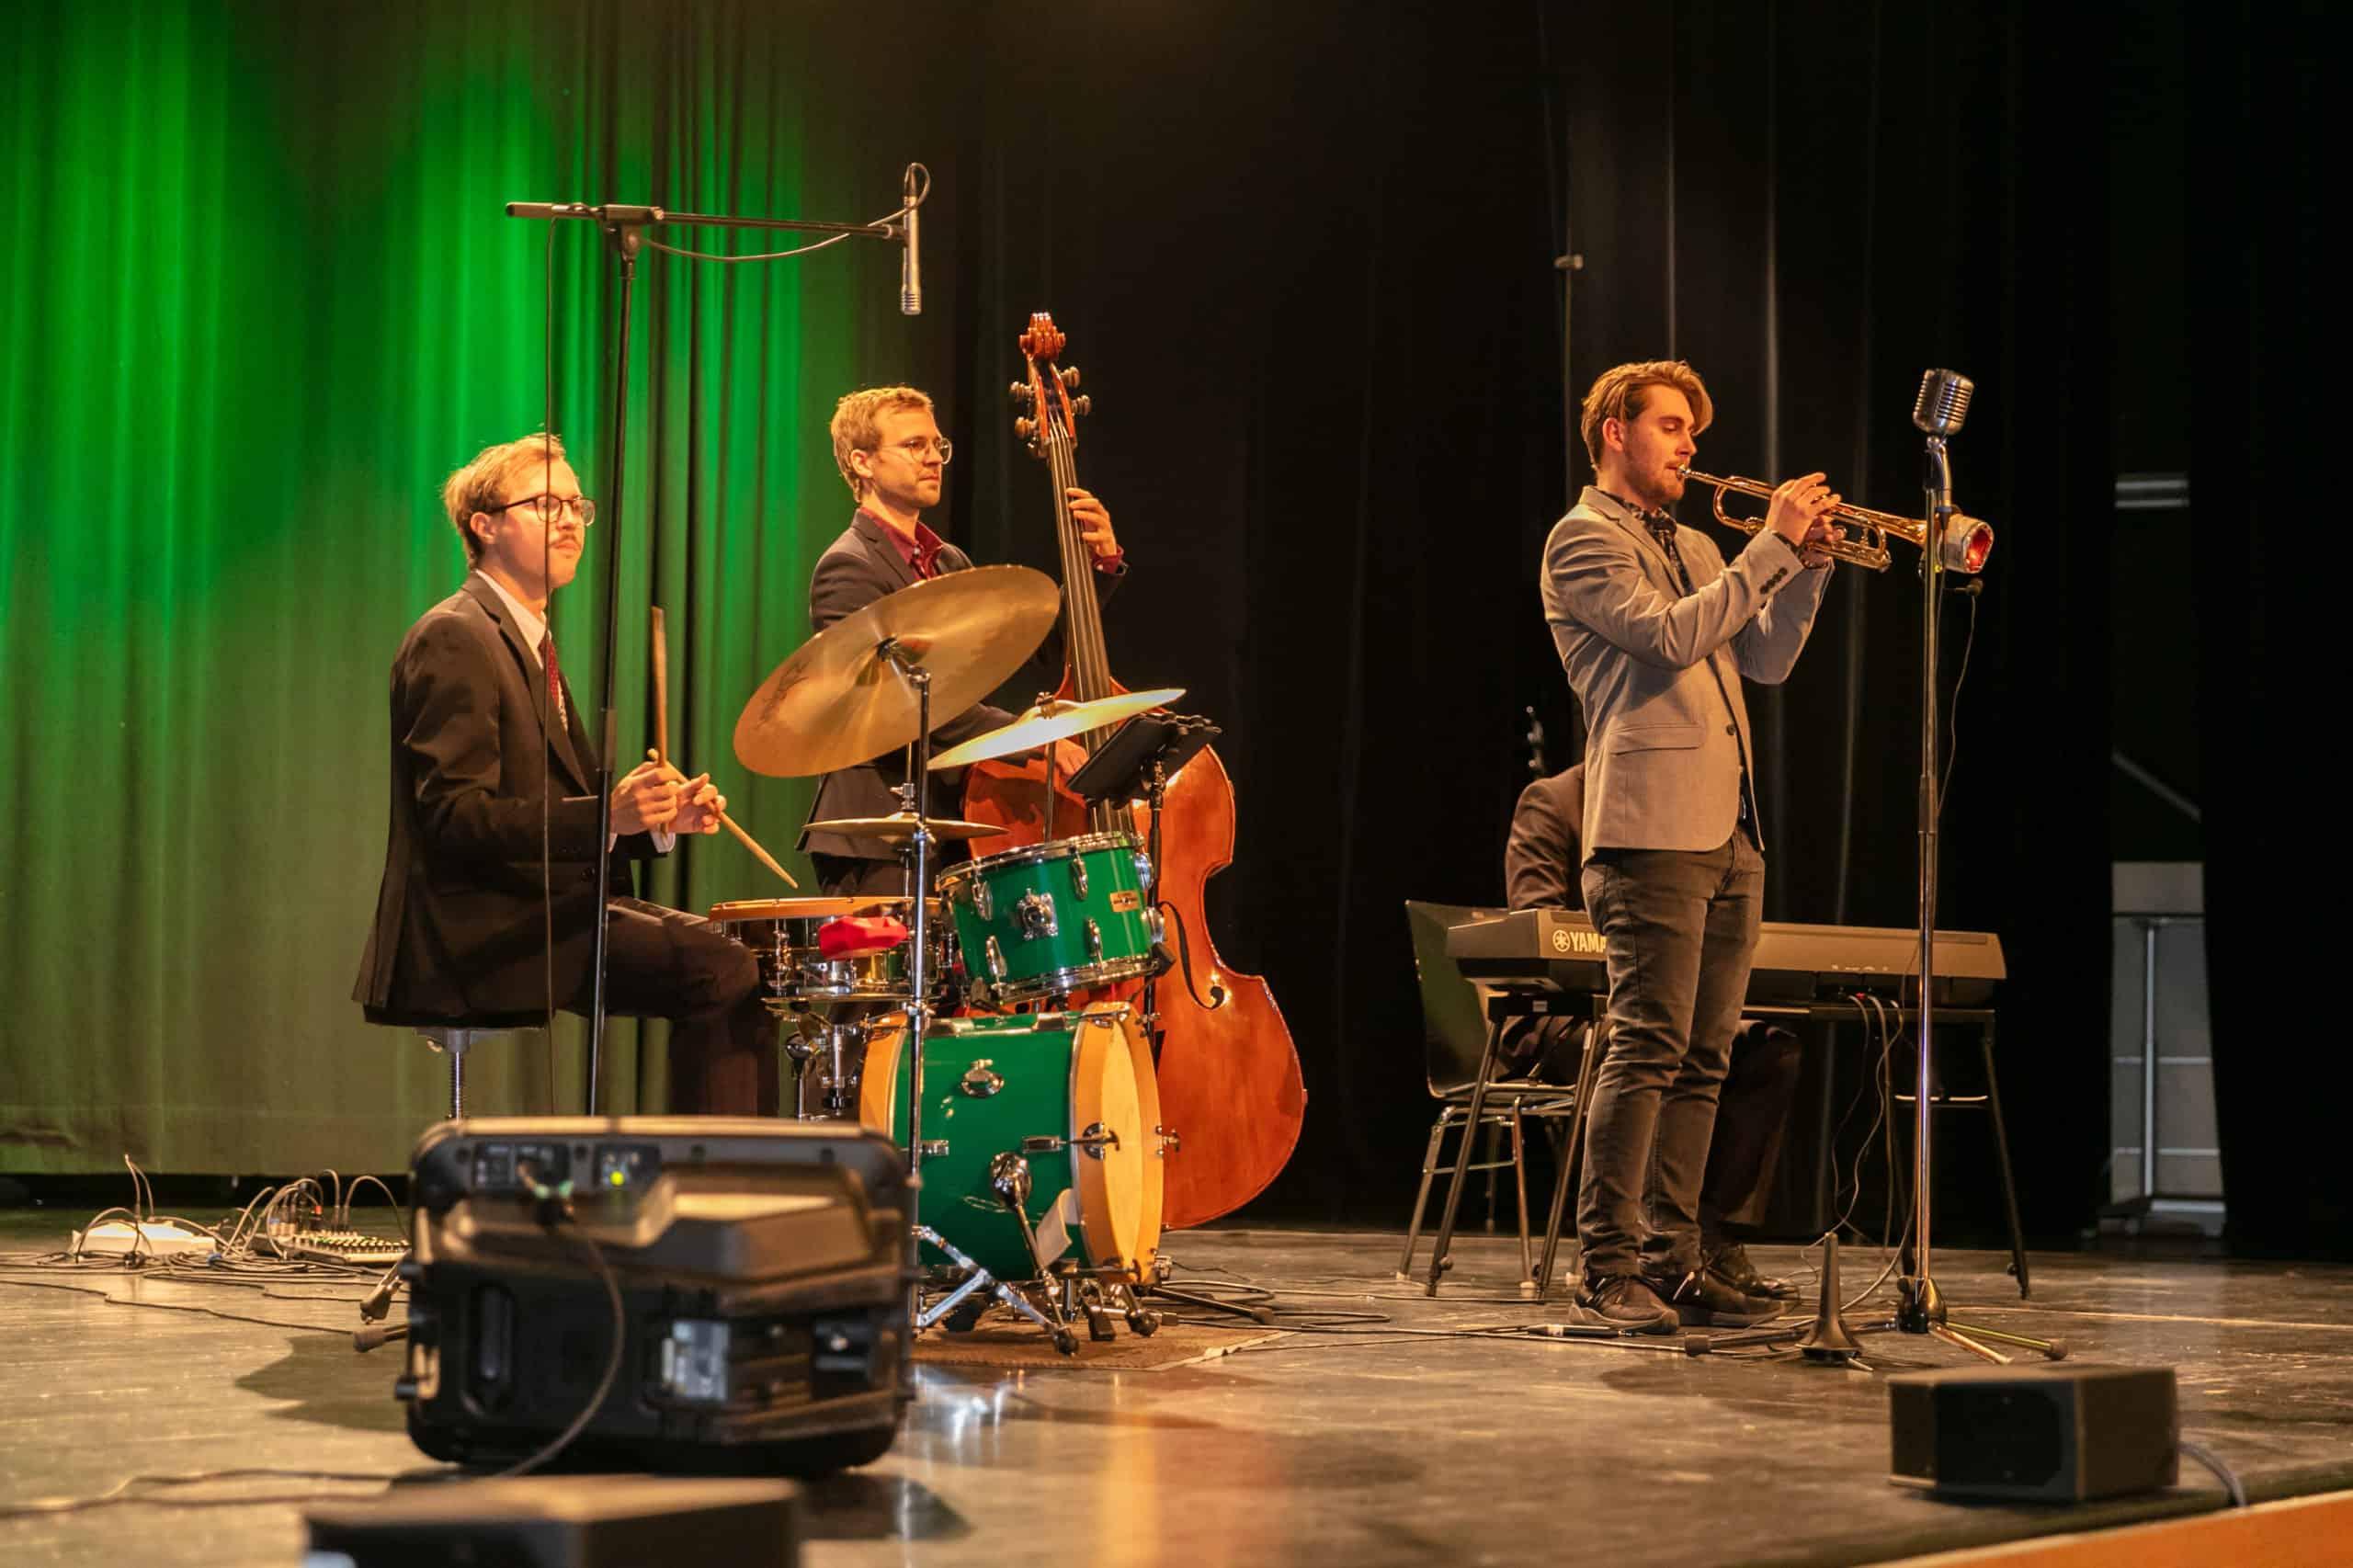 All Jazz Ambassadors als Jazz-Band & Live-Band bei einer Weihnachtsfeier in der Steinhalle Lannach